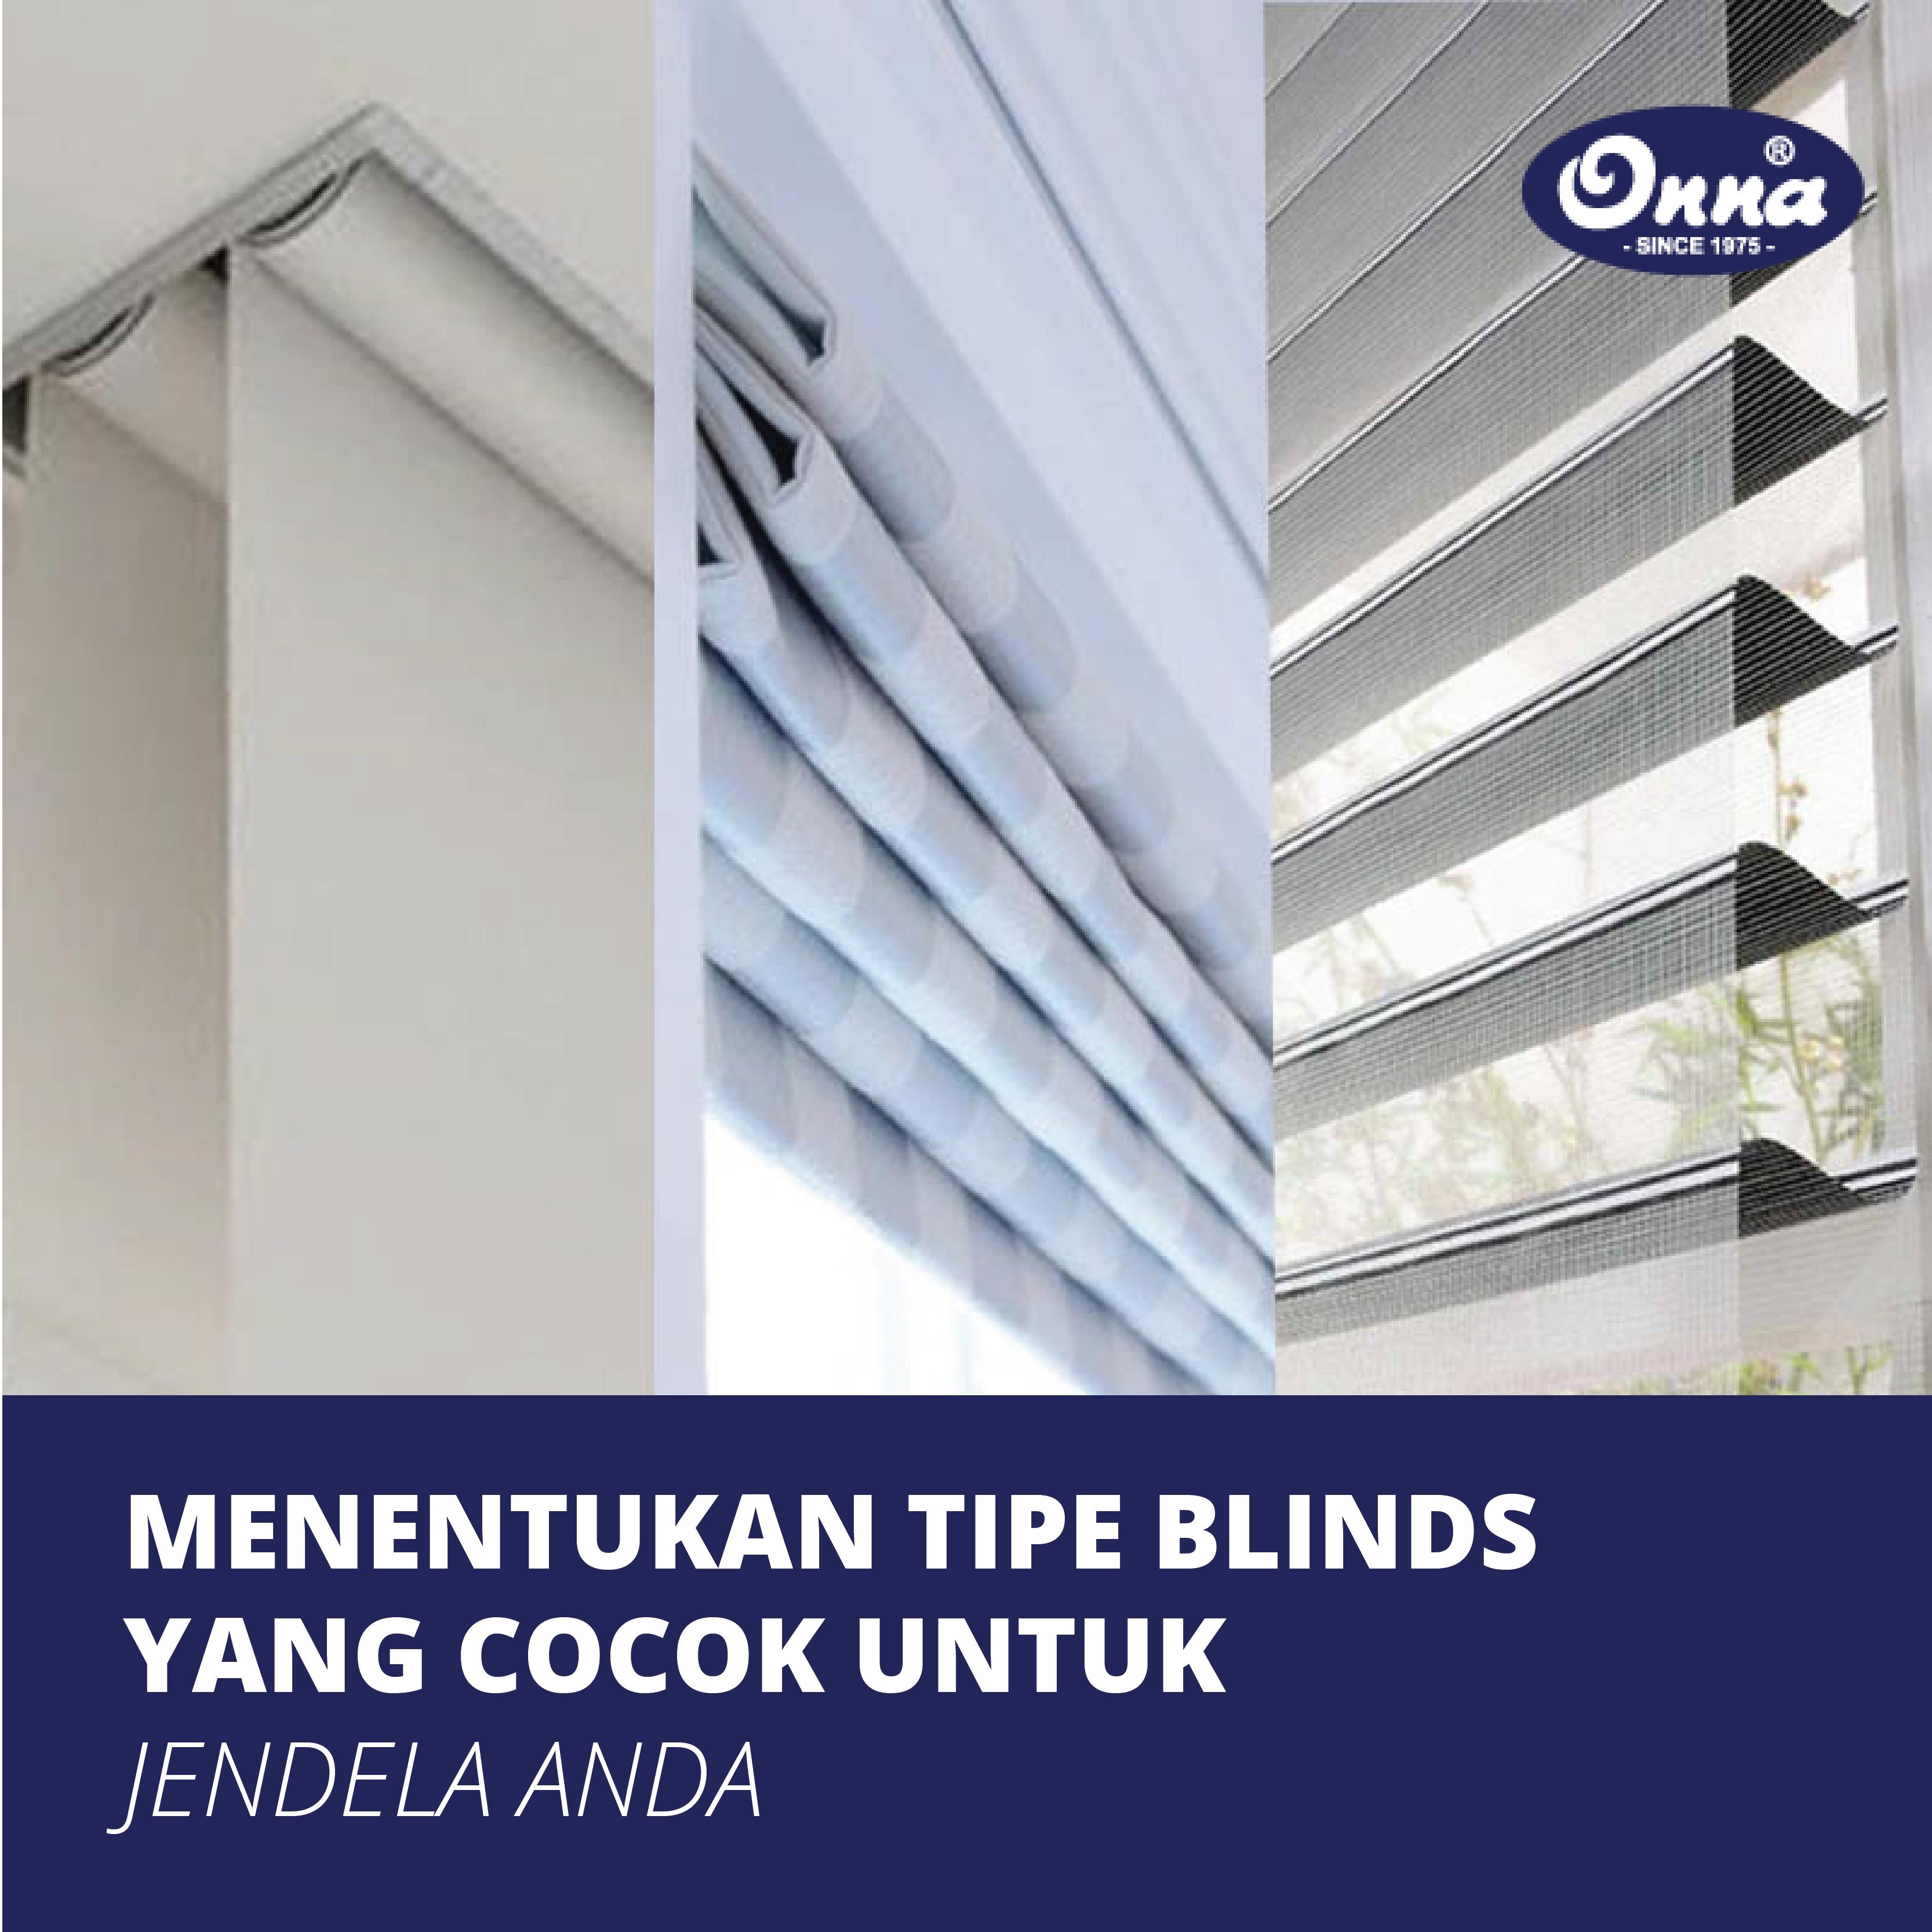 Menentukan Tipe Blinds yang Tepat untuk Jendela Anda